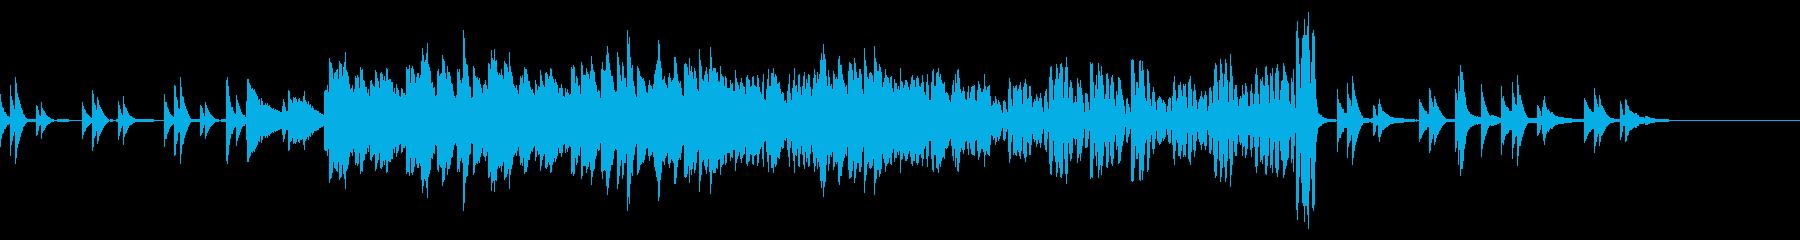 切なげなピアノ曲の再生済みの波形